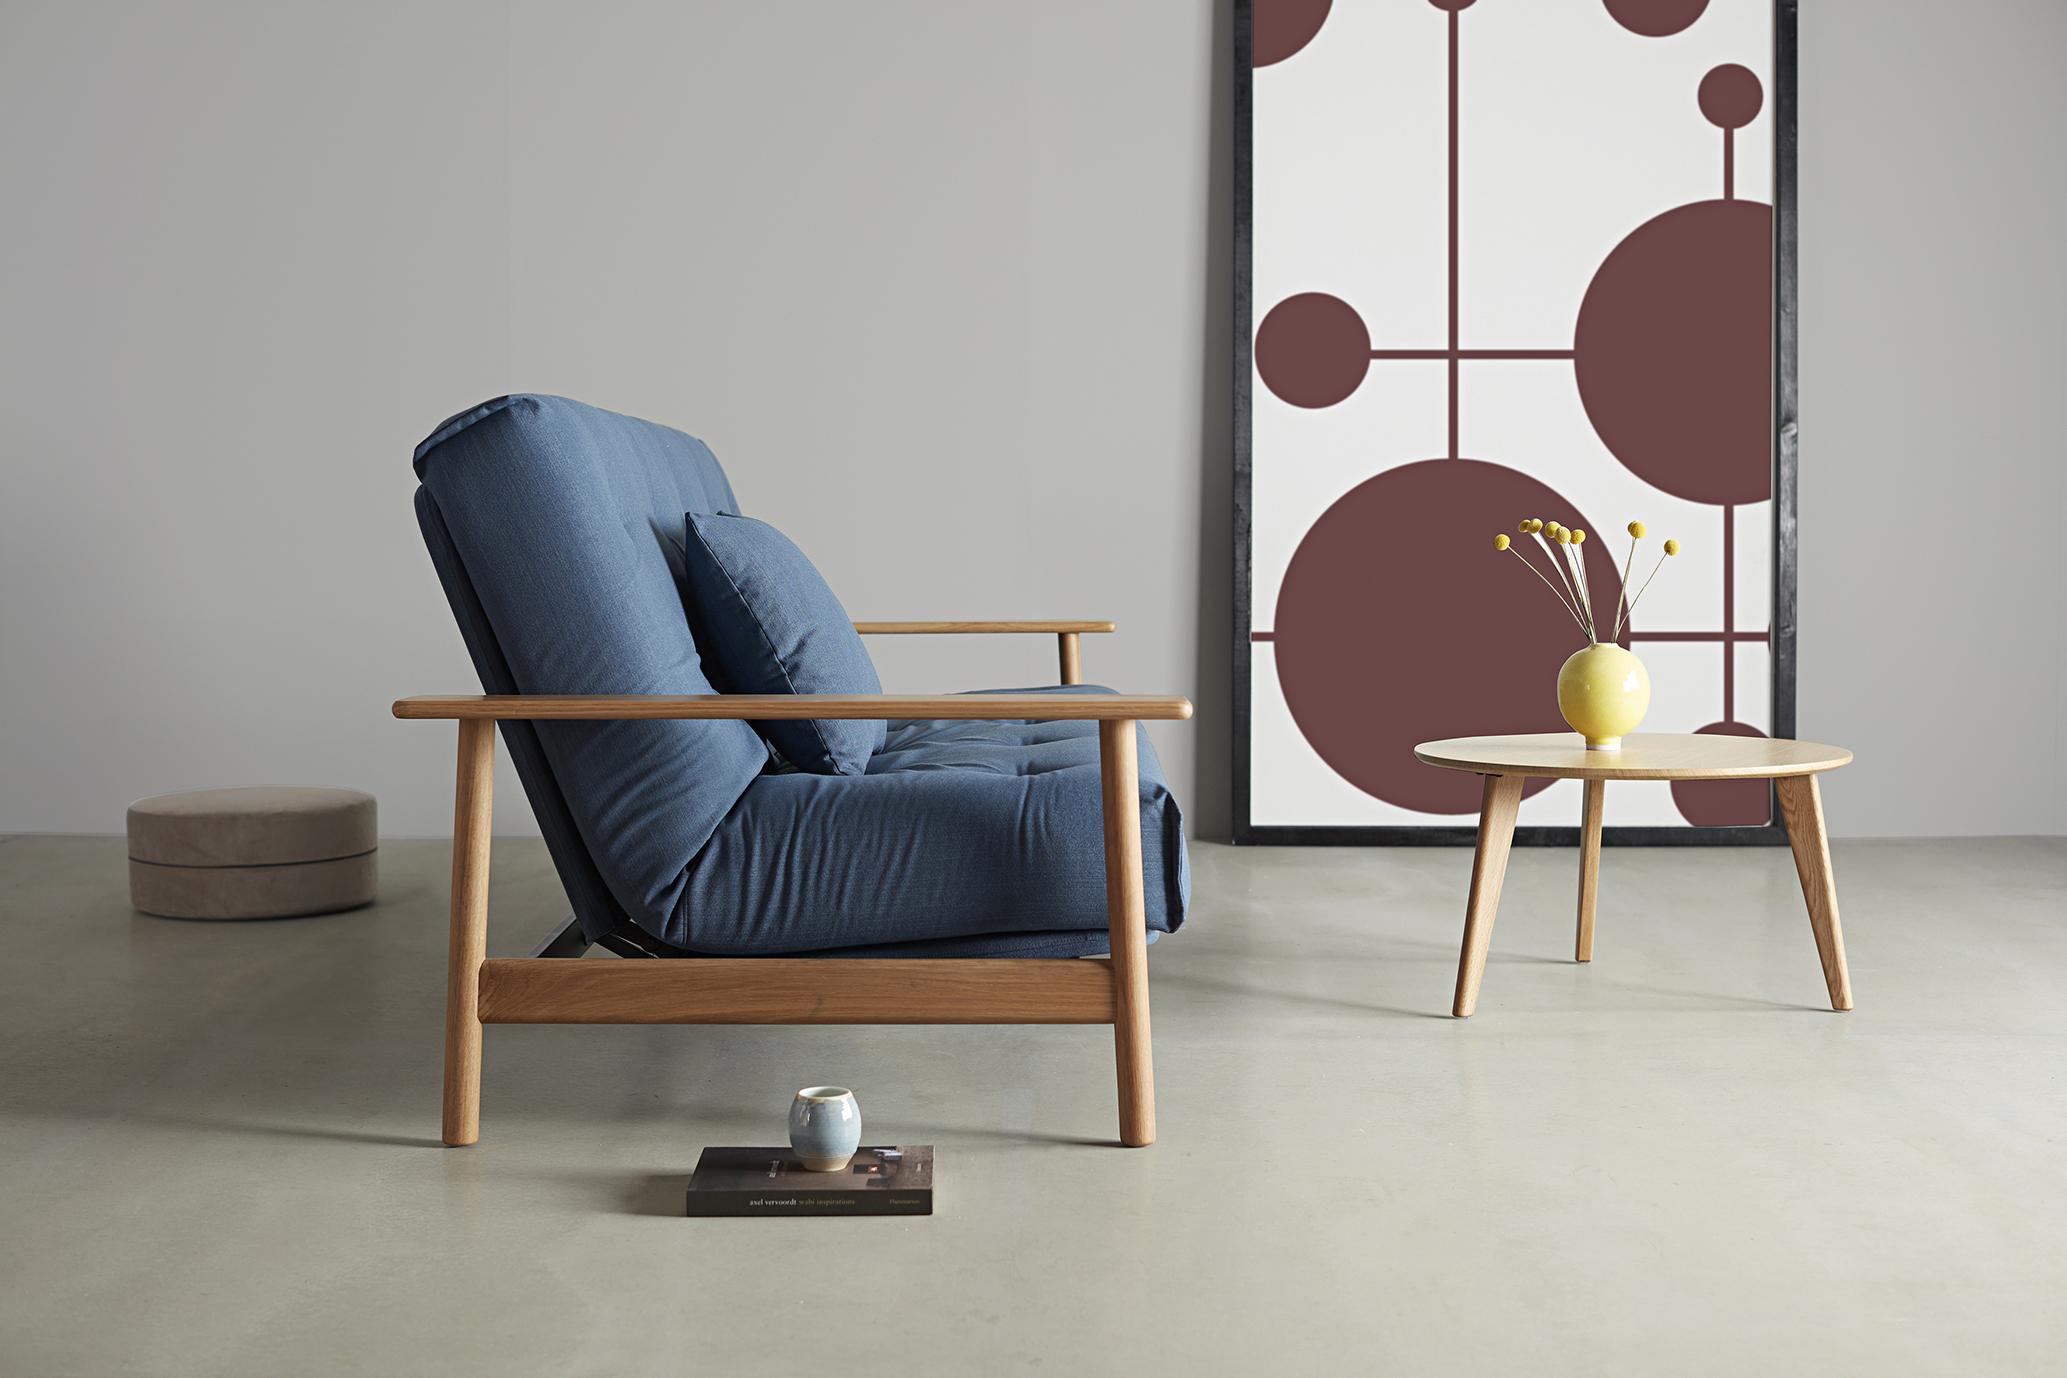 balder-sofa-bed-oliver-lukas-weisskrogh-1.jpg